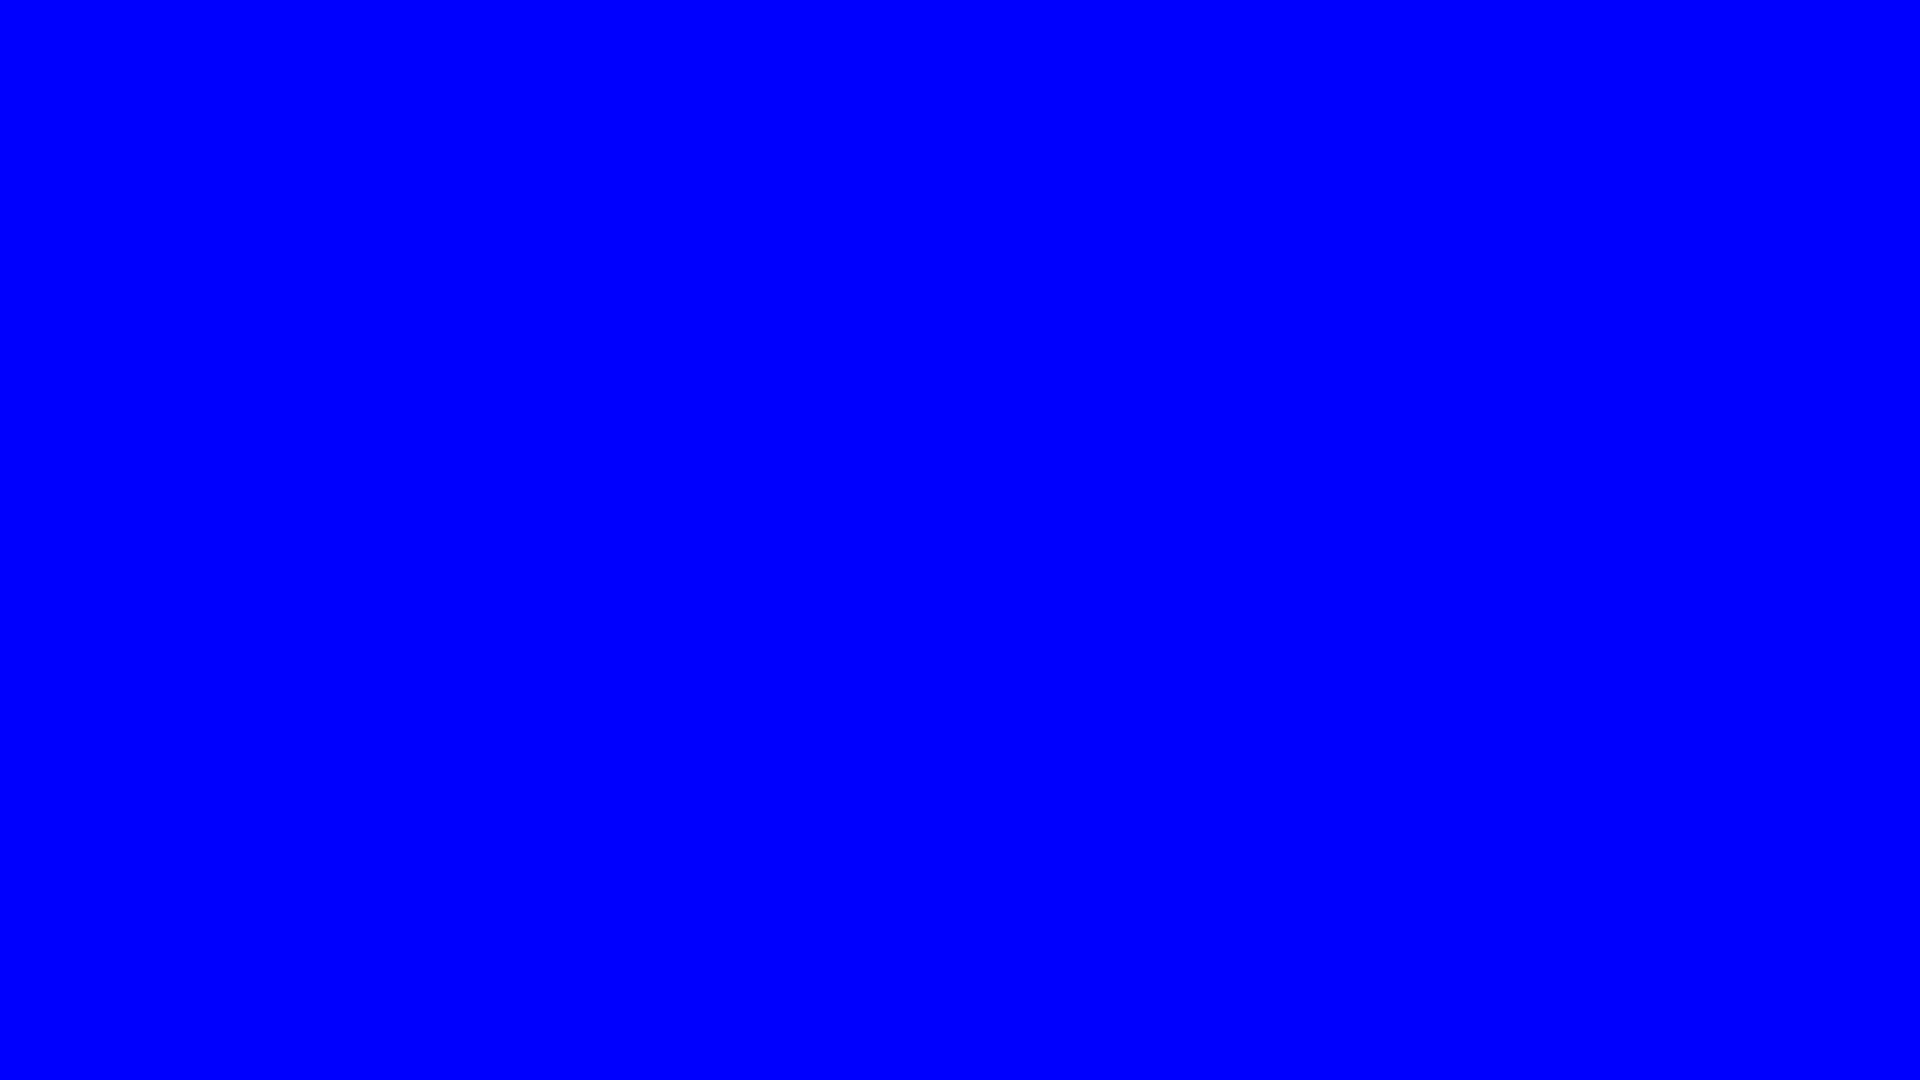 青色 壁紙 画像 エムズライファー